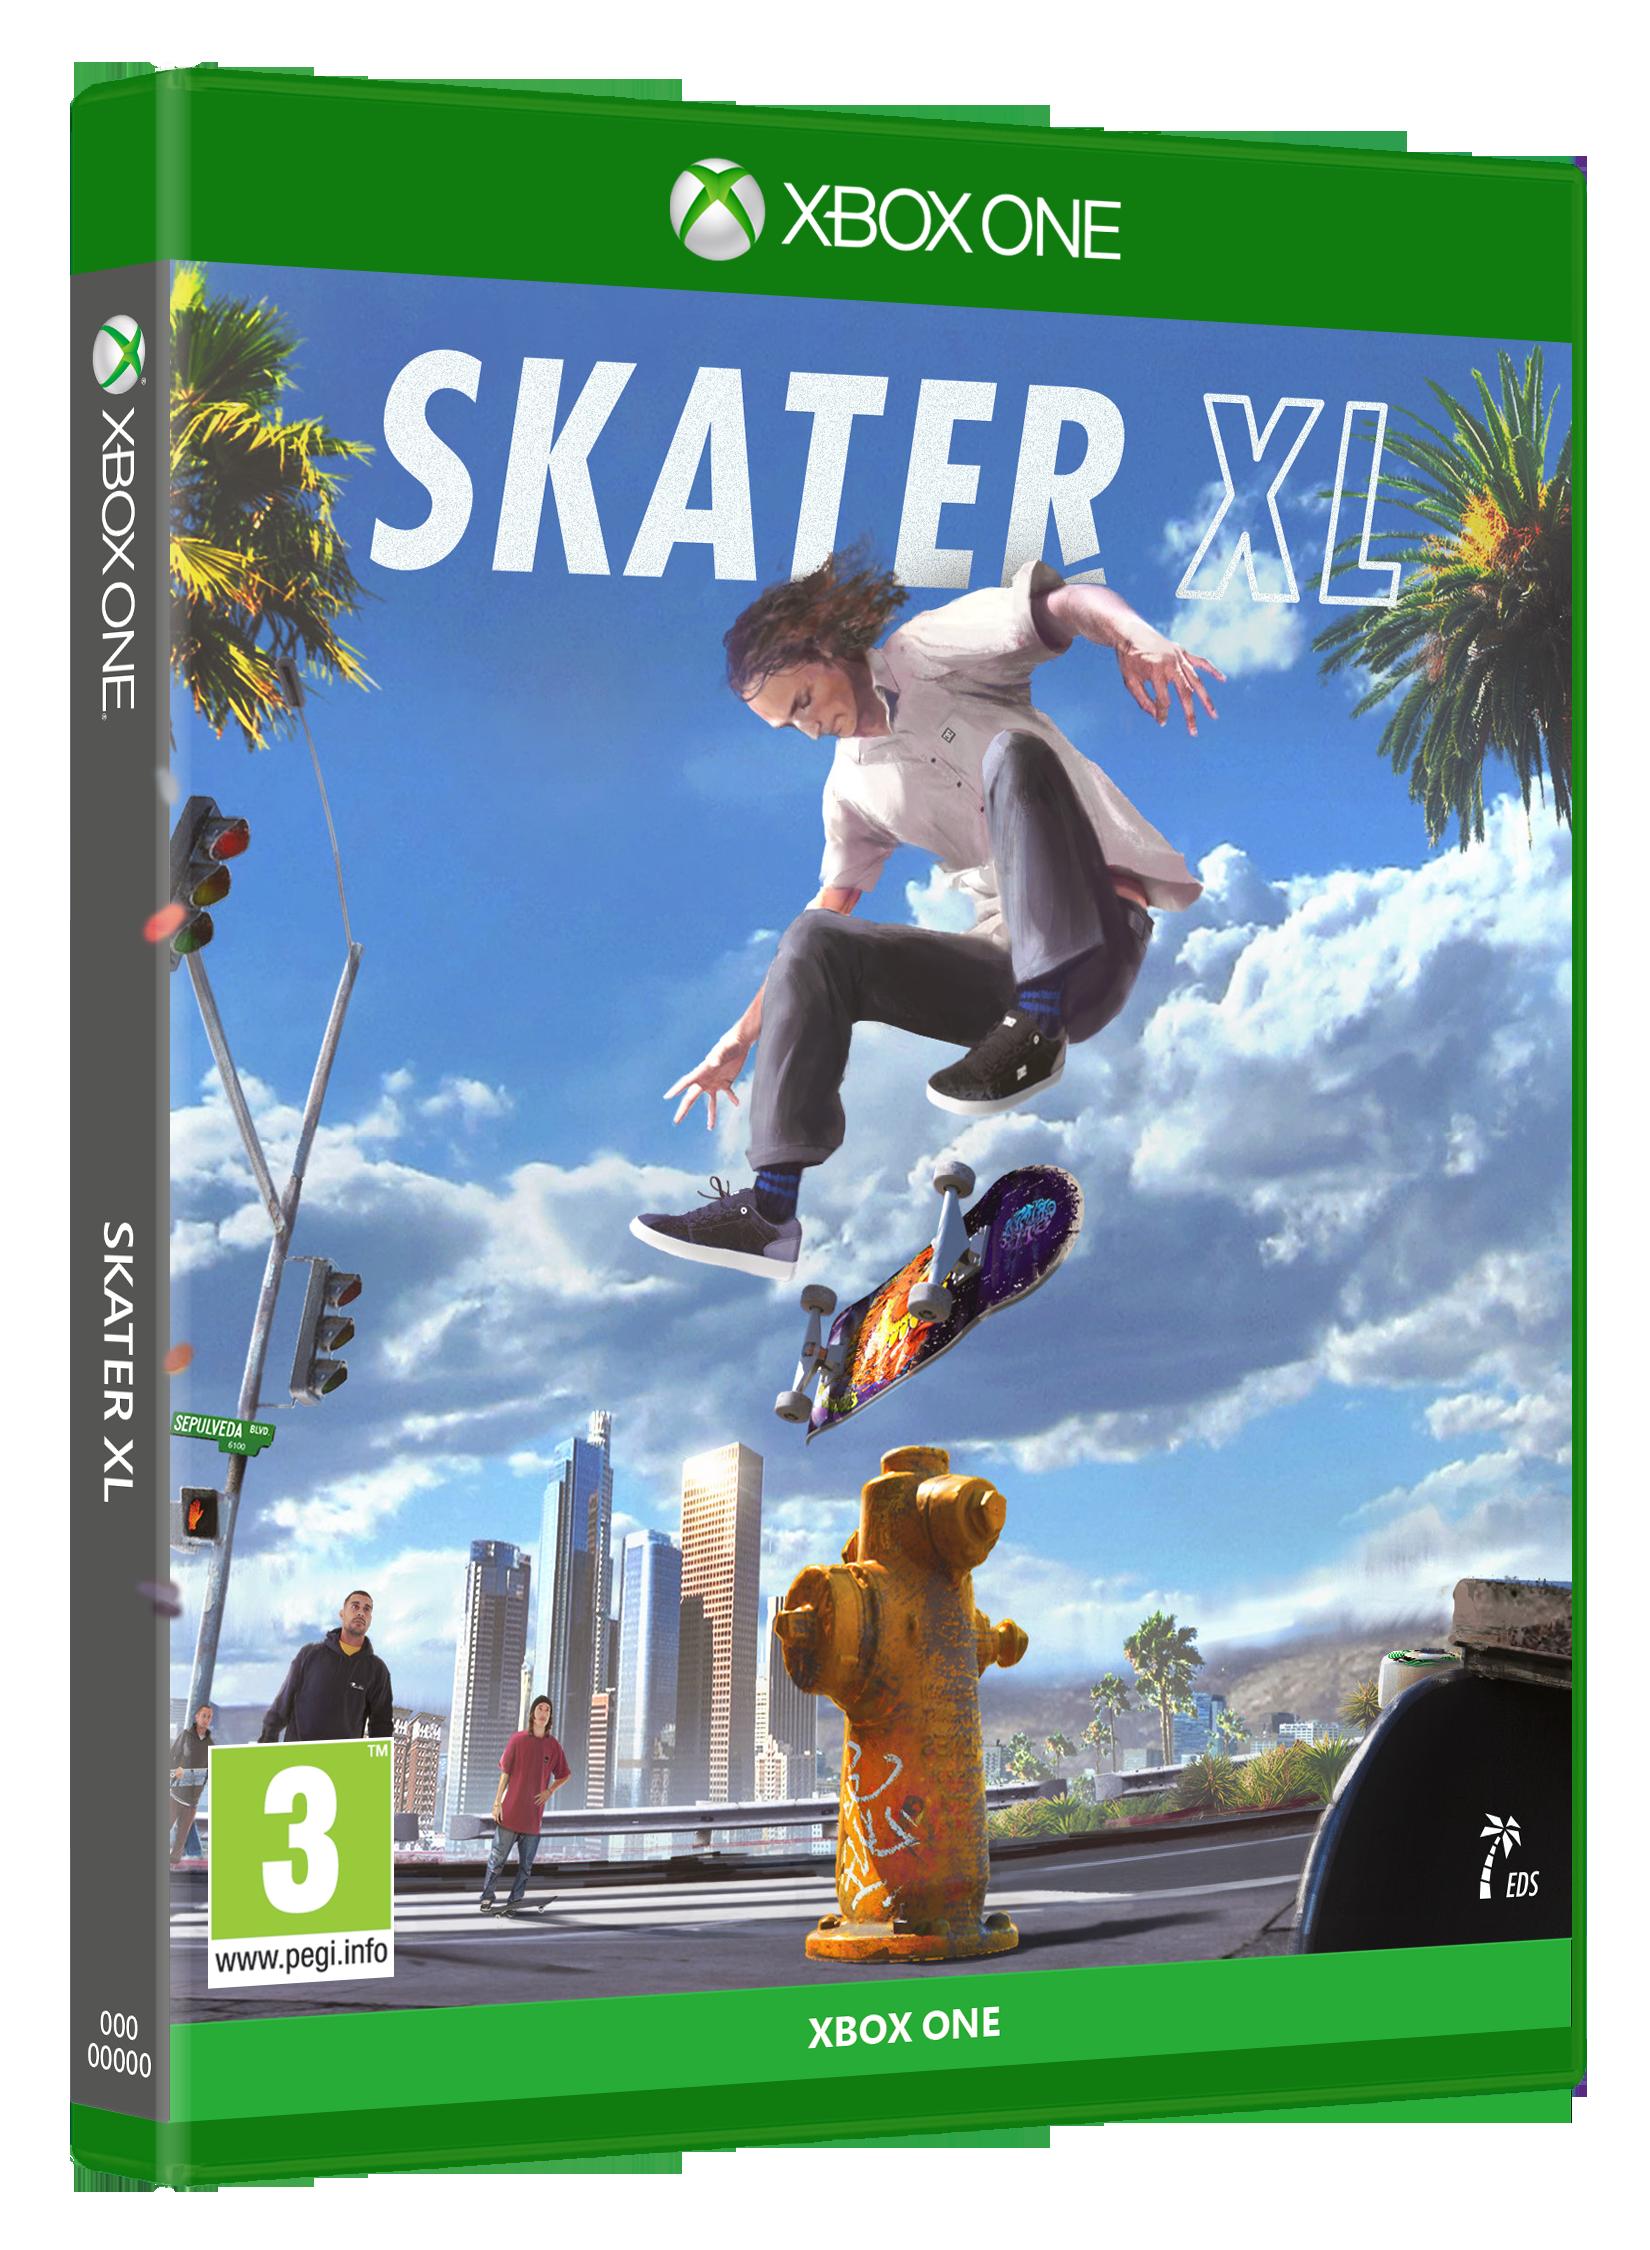 Skater-XBOX